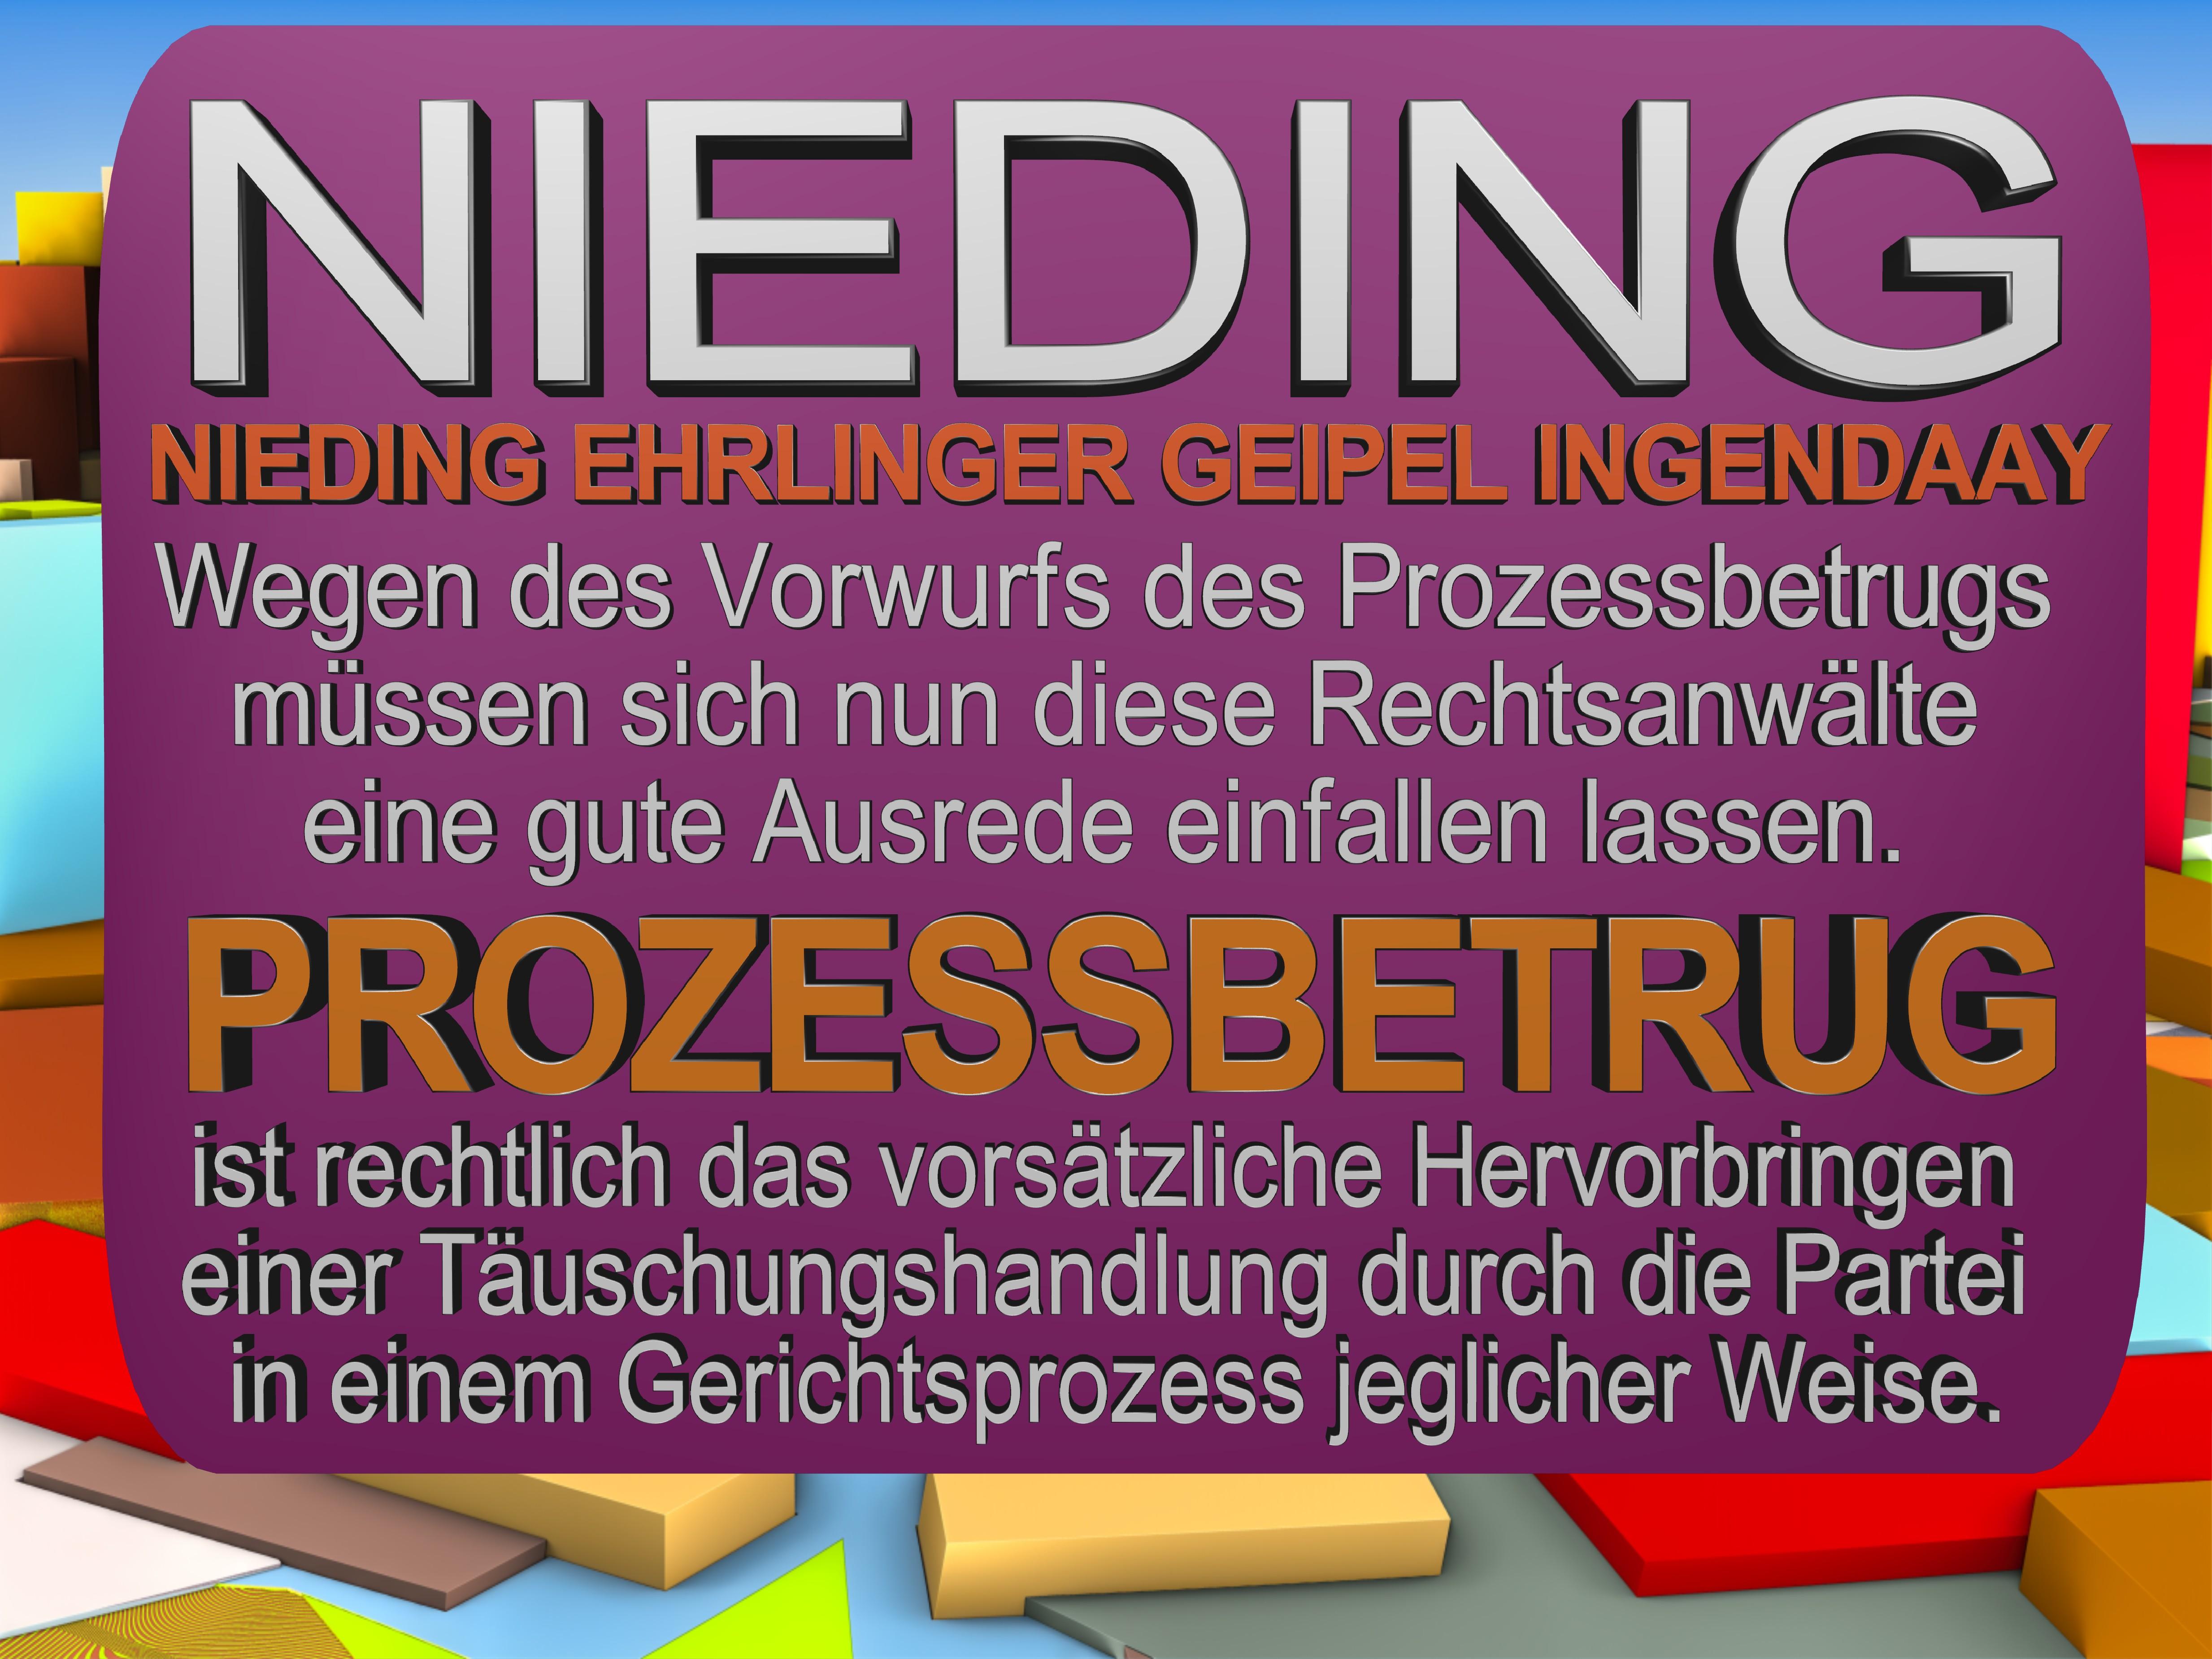 NIEDING EHRLINGER GEIPEL INGENDAAY LELKE Kurfürstendamm 66 Berlin (109)